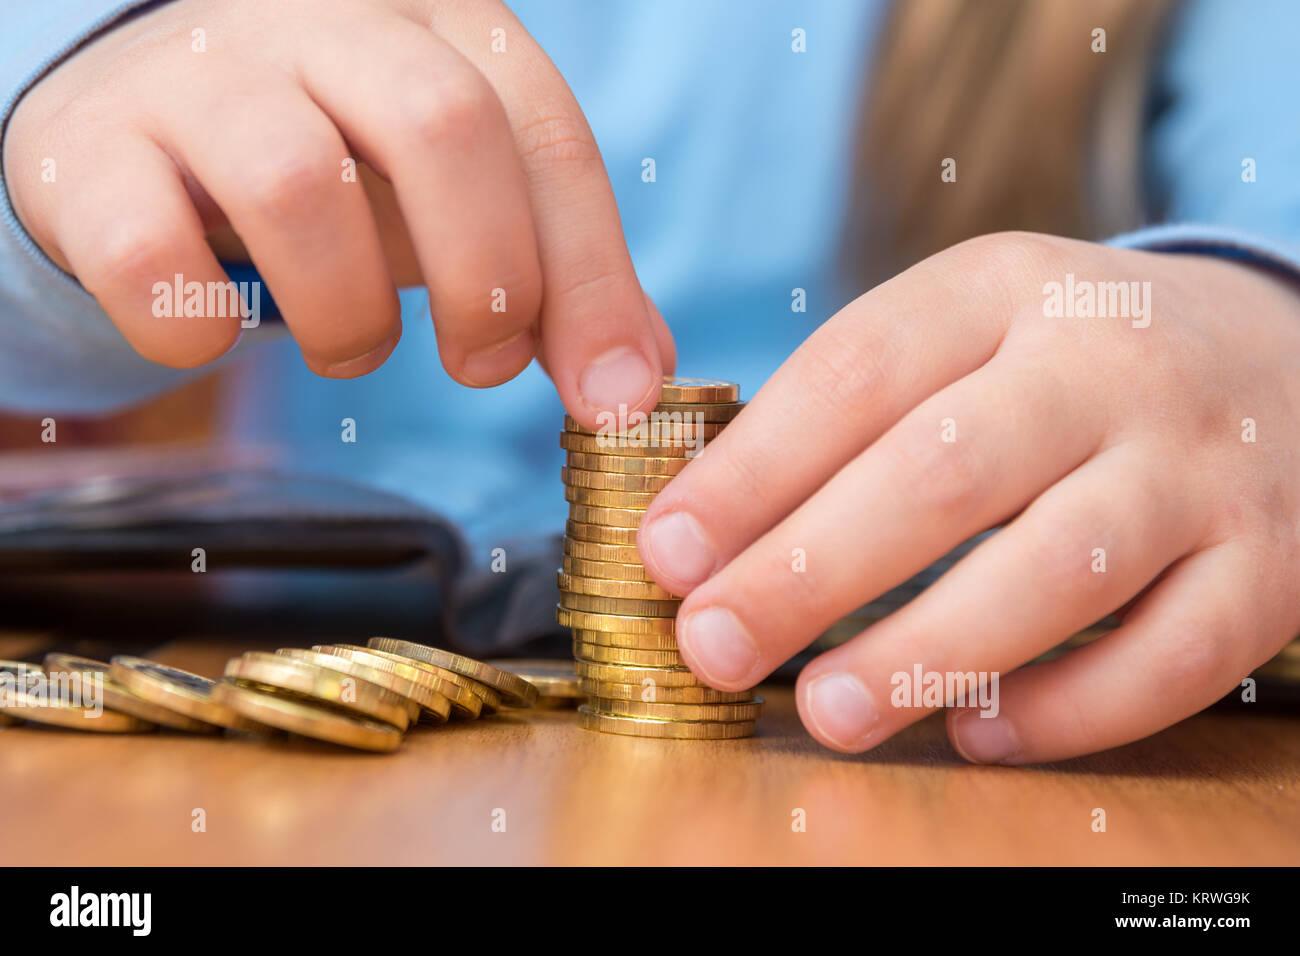 Bambino raccoglie una pila di monete d'oro, close-up Immagini Stock